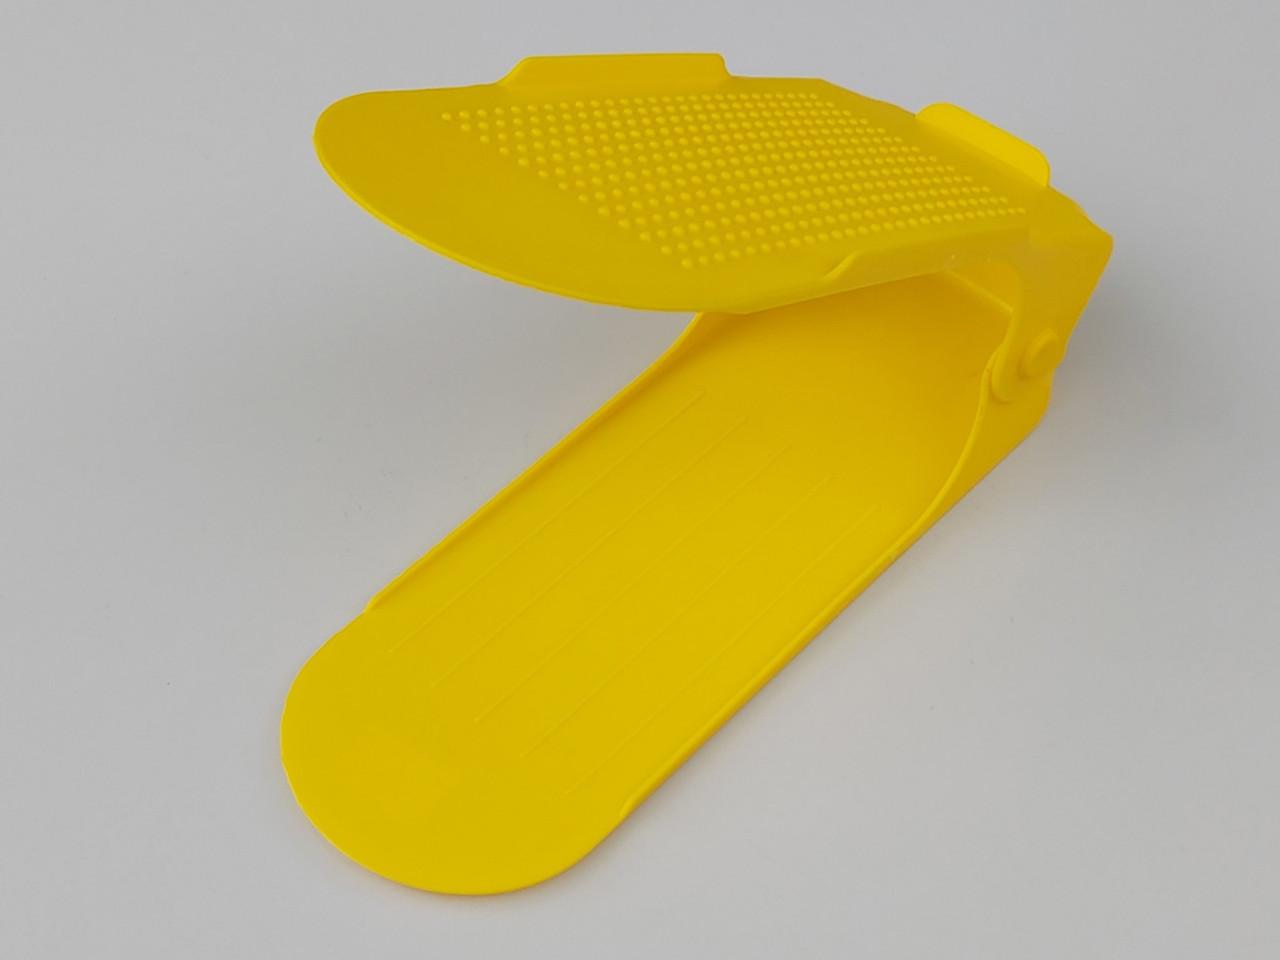 Подвійна підставка-органайзер для взуття жовтого кольору. 3 положення регулювання висоти